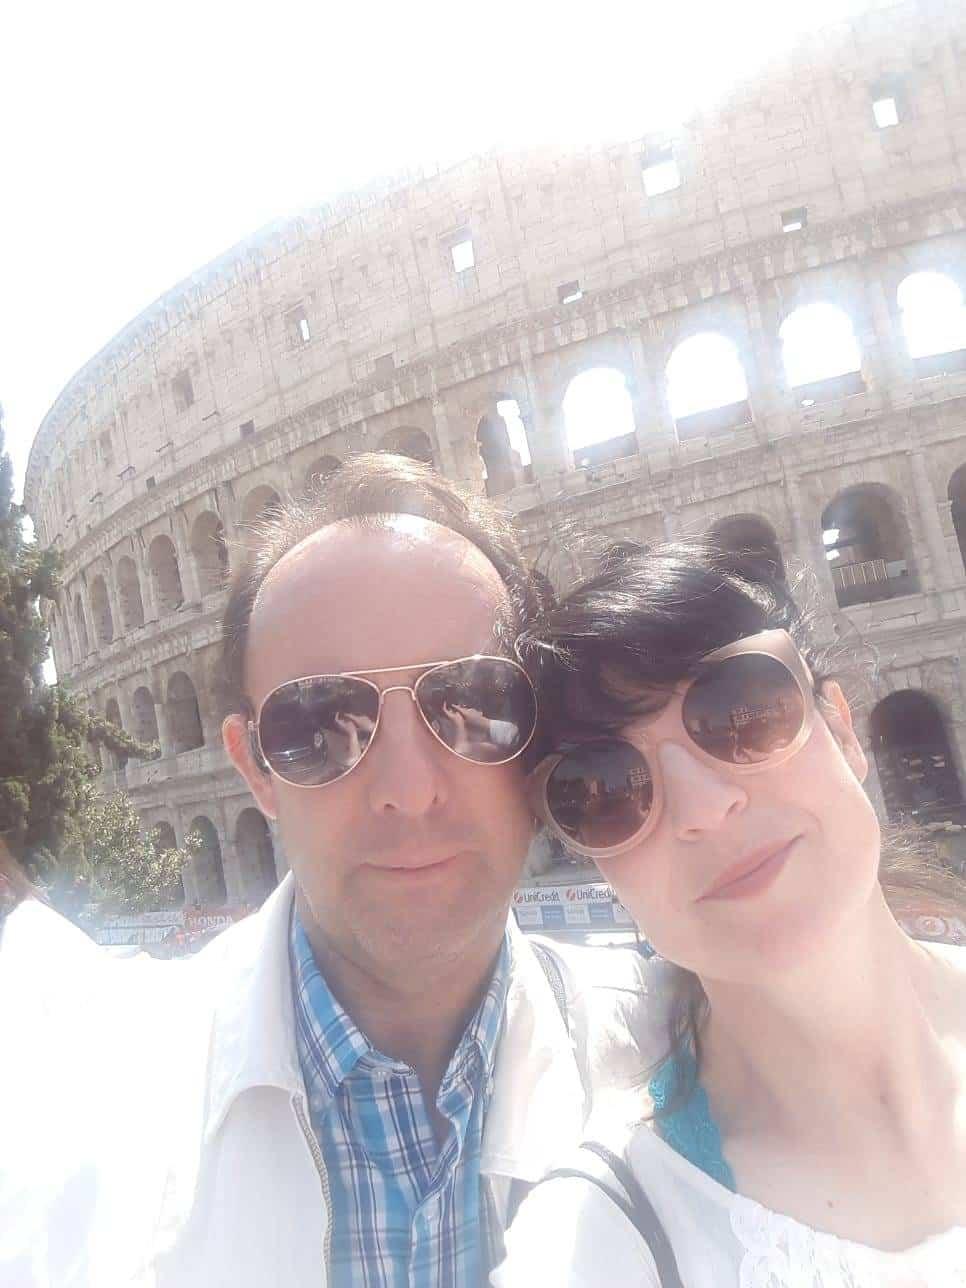 Miguel y Mariavi Cis Adar - Concierto de Cis Adar en la toledana localidad de El Romeral